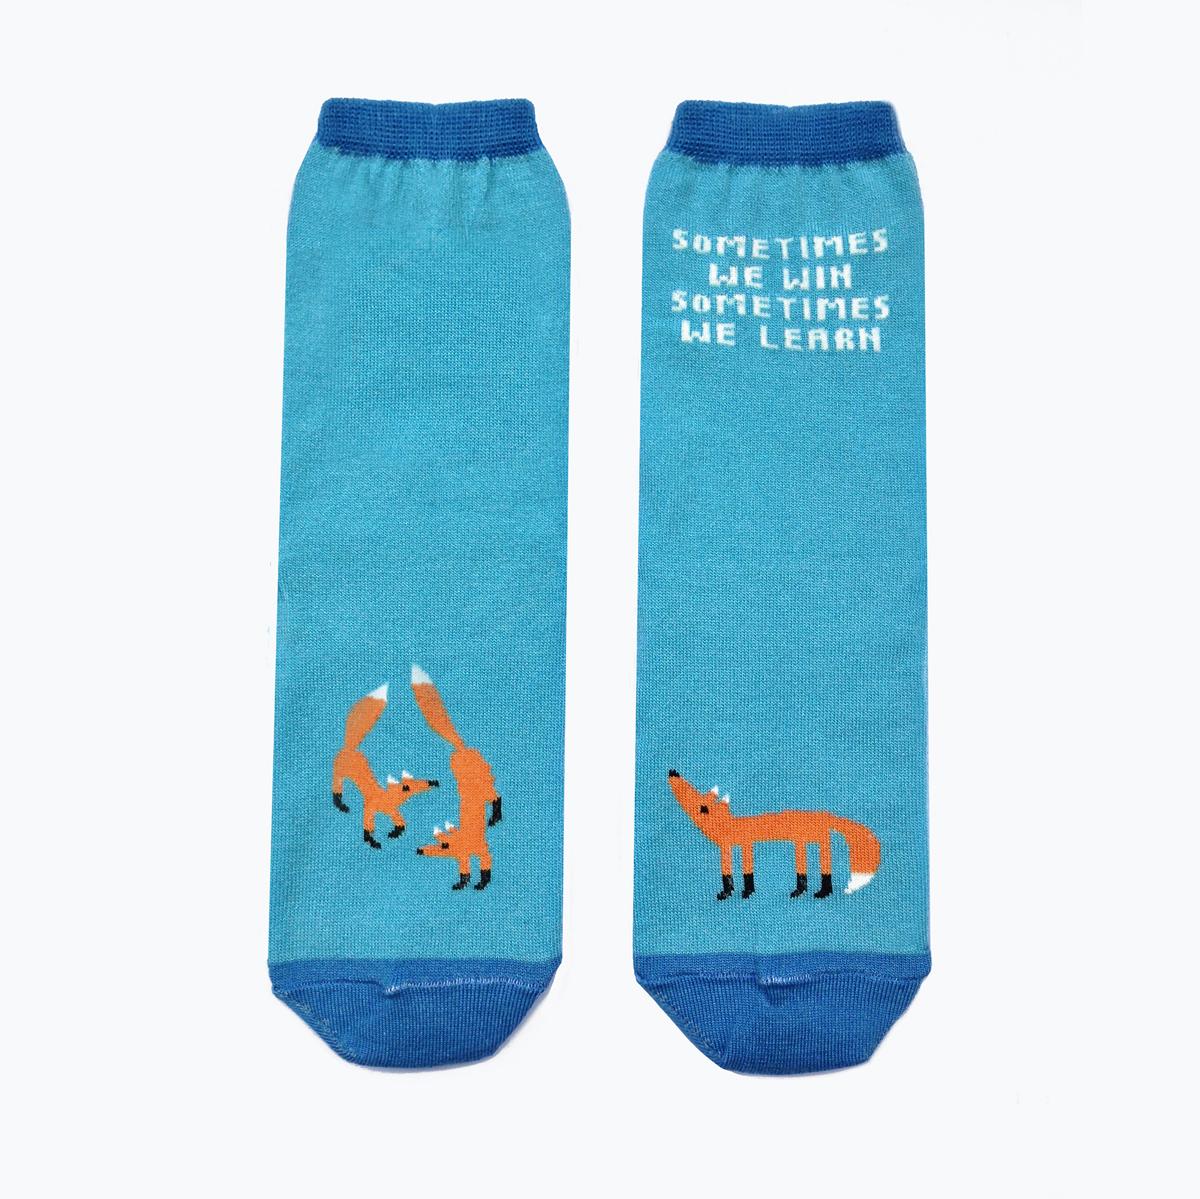 Носки мужские Big Bang Socks, цвет: голубой, оранжевый. ca1131. Размер 40/44ca1131Мужские носки Big Bang Socks изготовлены из высококачественного хлопка с добавлением полиамидных и эластановых волокон, которые обеспечивают великолепную посадку. Носки отличаются ярким стильным дизайном, они оформлены изображением лисичек и надписью: Sometimes we win sometimes we learn. Удобная широкая резинка идеально облегает ногу и не пережимает сосуды, усиленные пятка и мысок повышают износоустойчивость носка, а удлиненный паголенок придает более эстетичный вид. Дизайнерские носки Big Bang Socks - яркая деталь в вашем образе и оригинальный подарок для друзей и близких.